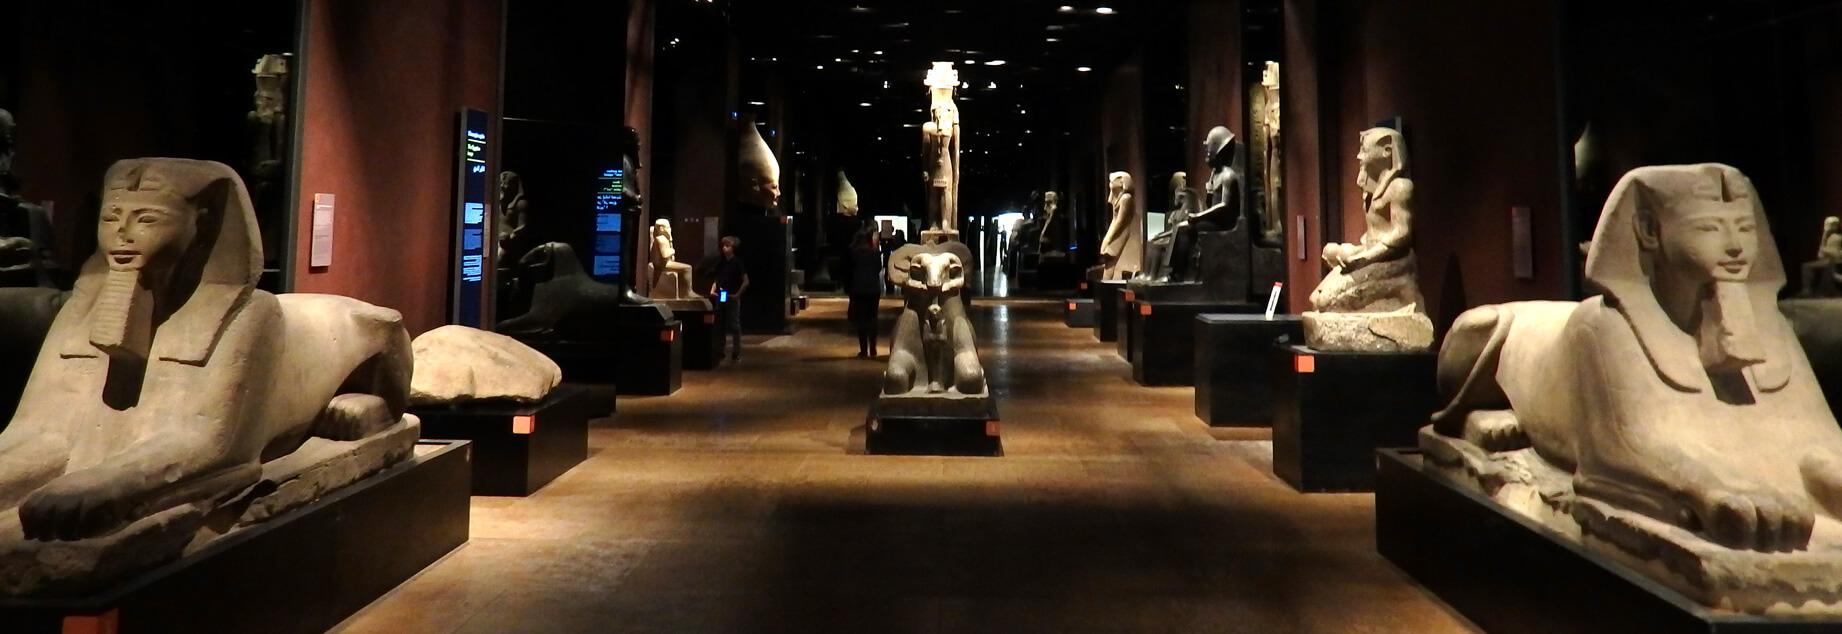 museo egizio torino sala dei re